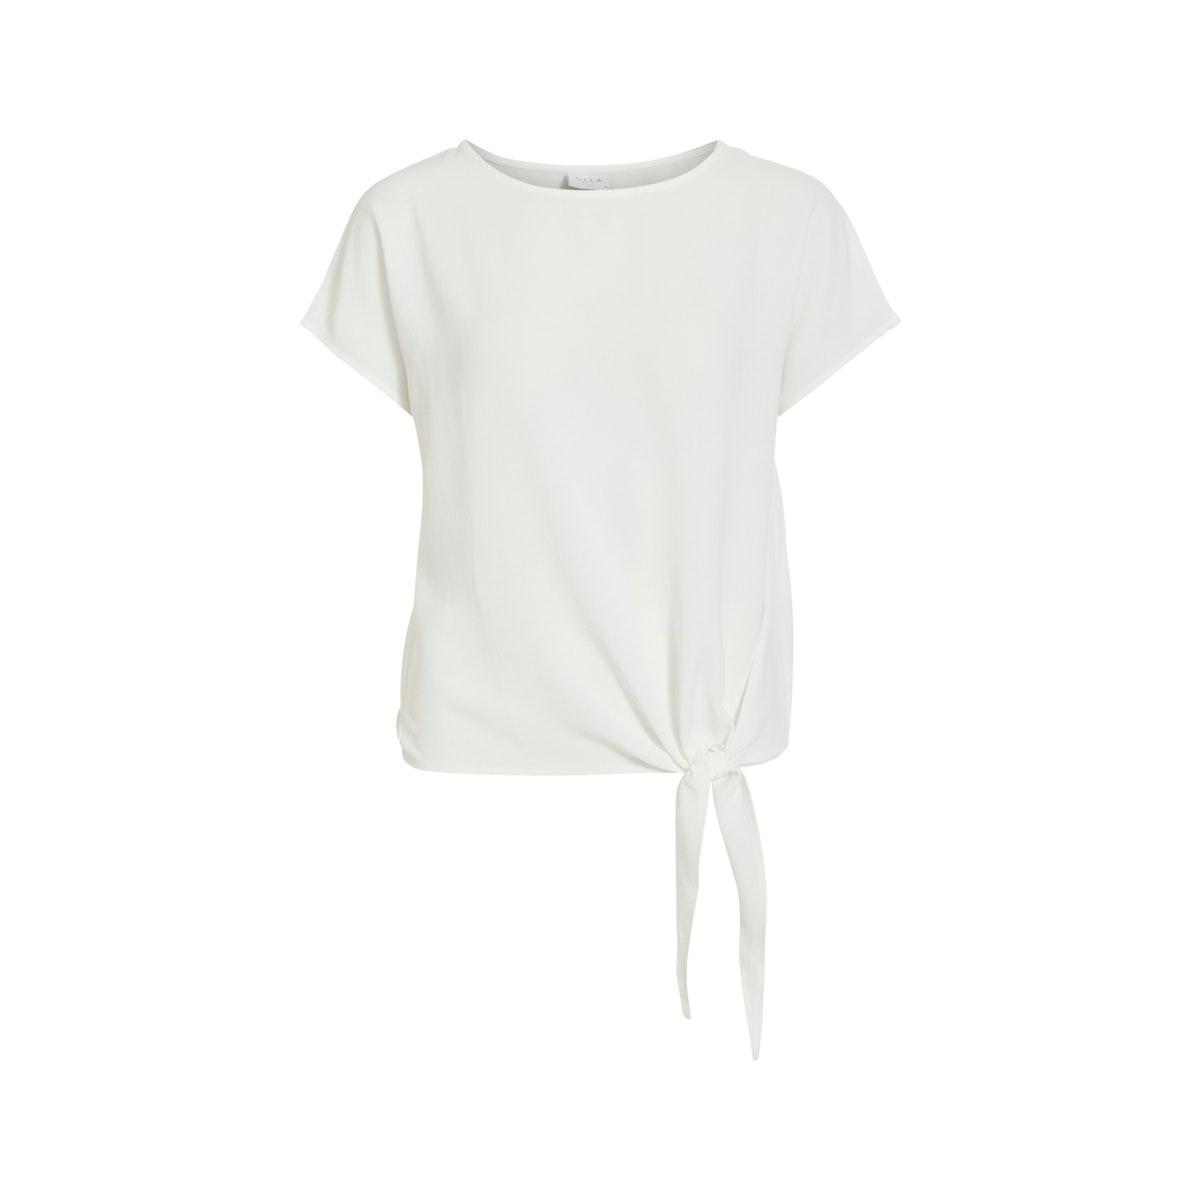 virasha s/s  tie  top 14057523 vila t-shirt cloud dancer